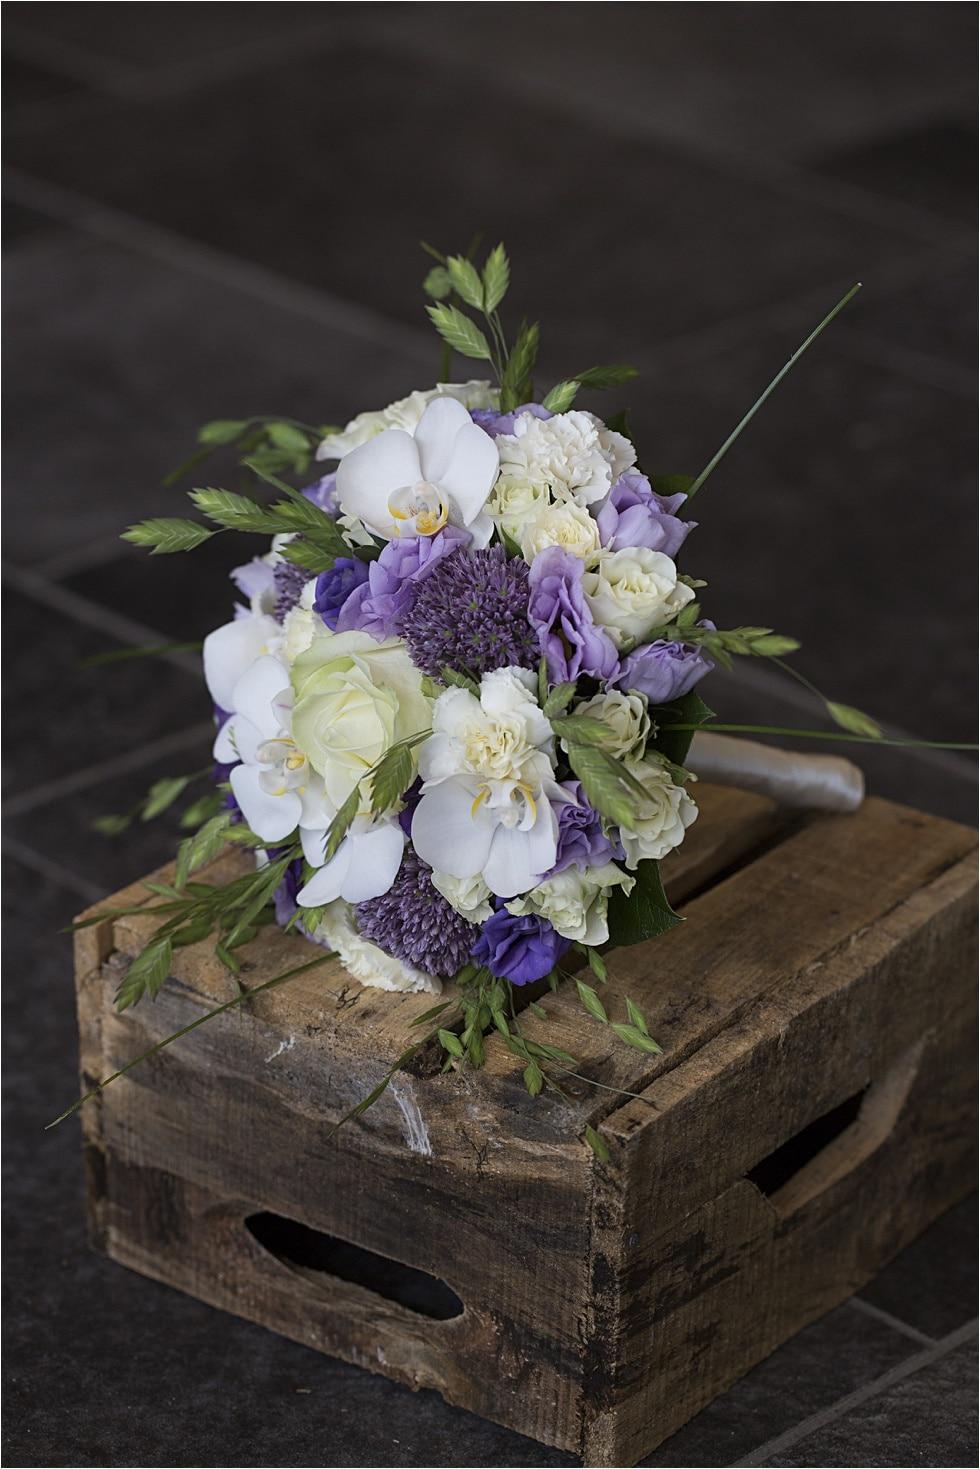 brudebuket interflora leverandør vejle fotograf Tine hvolby59